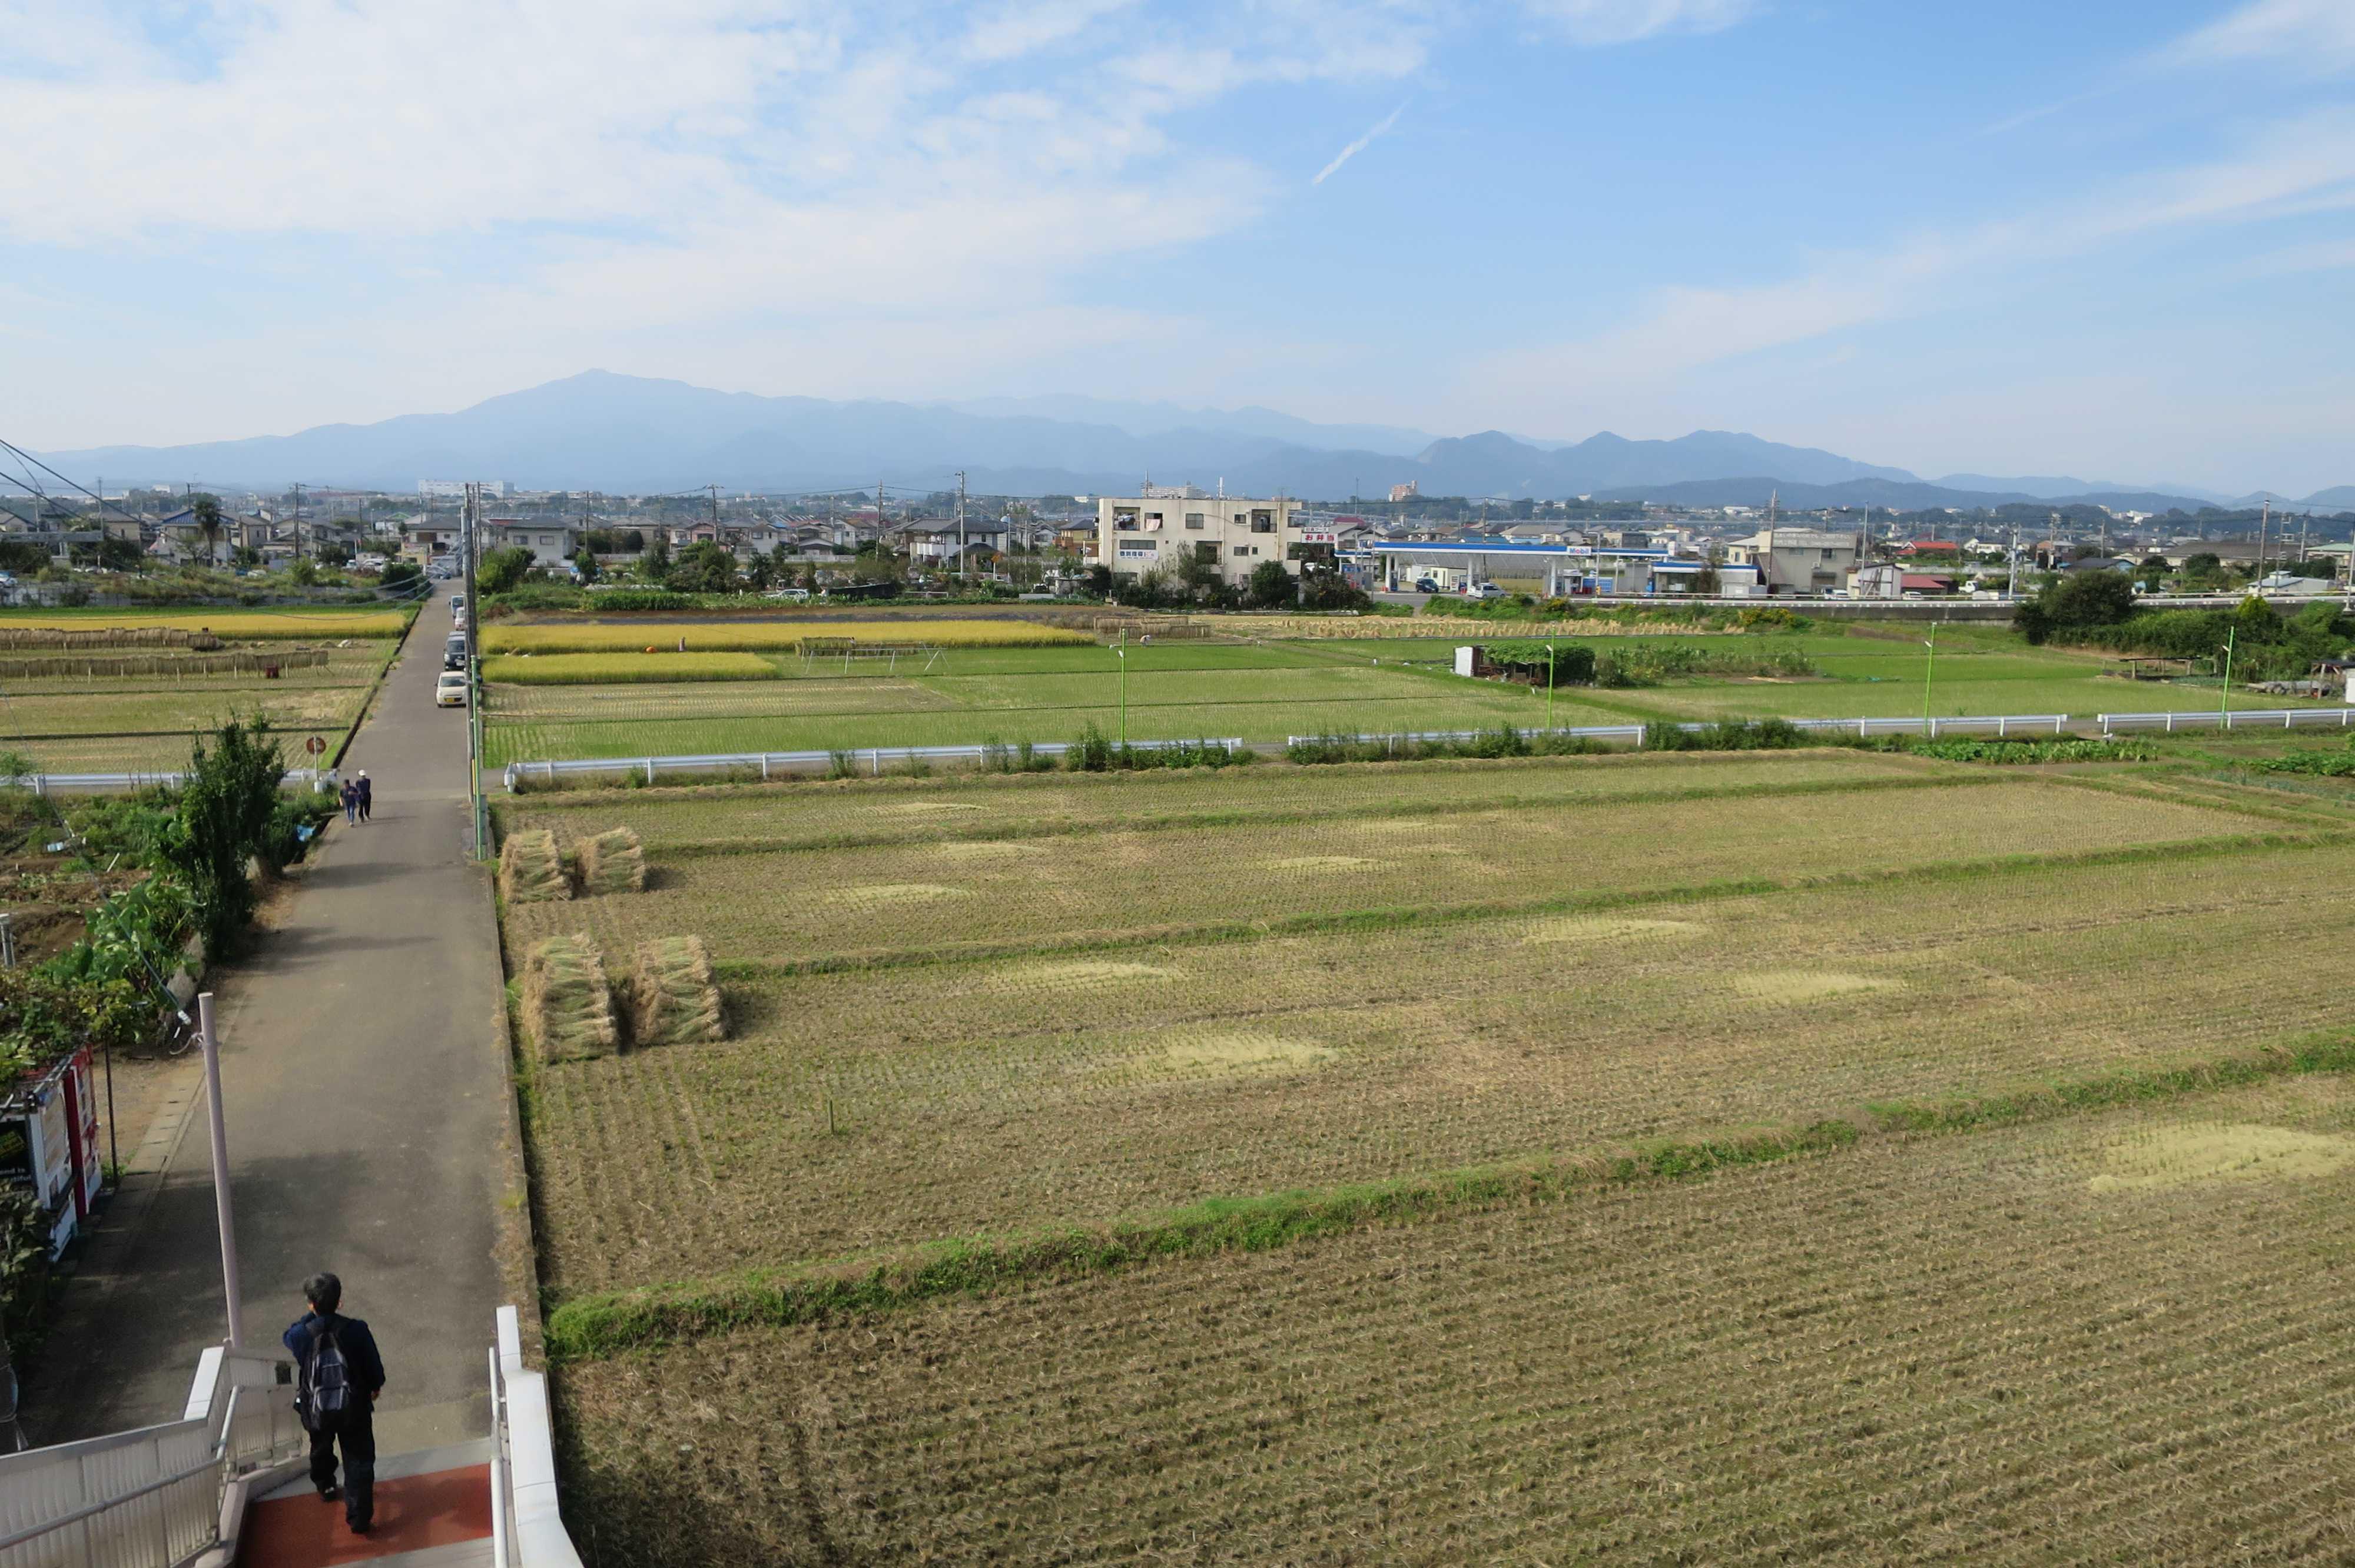 JR相模線 入谷駅(神奈川県座間市)から見た丹沢山塊